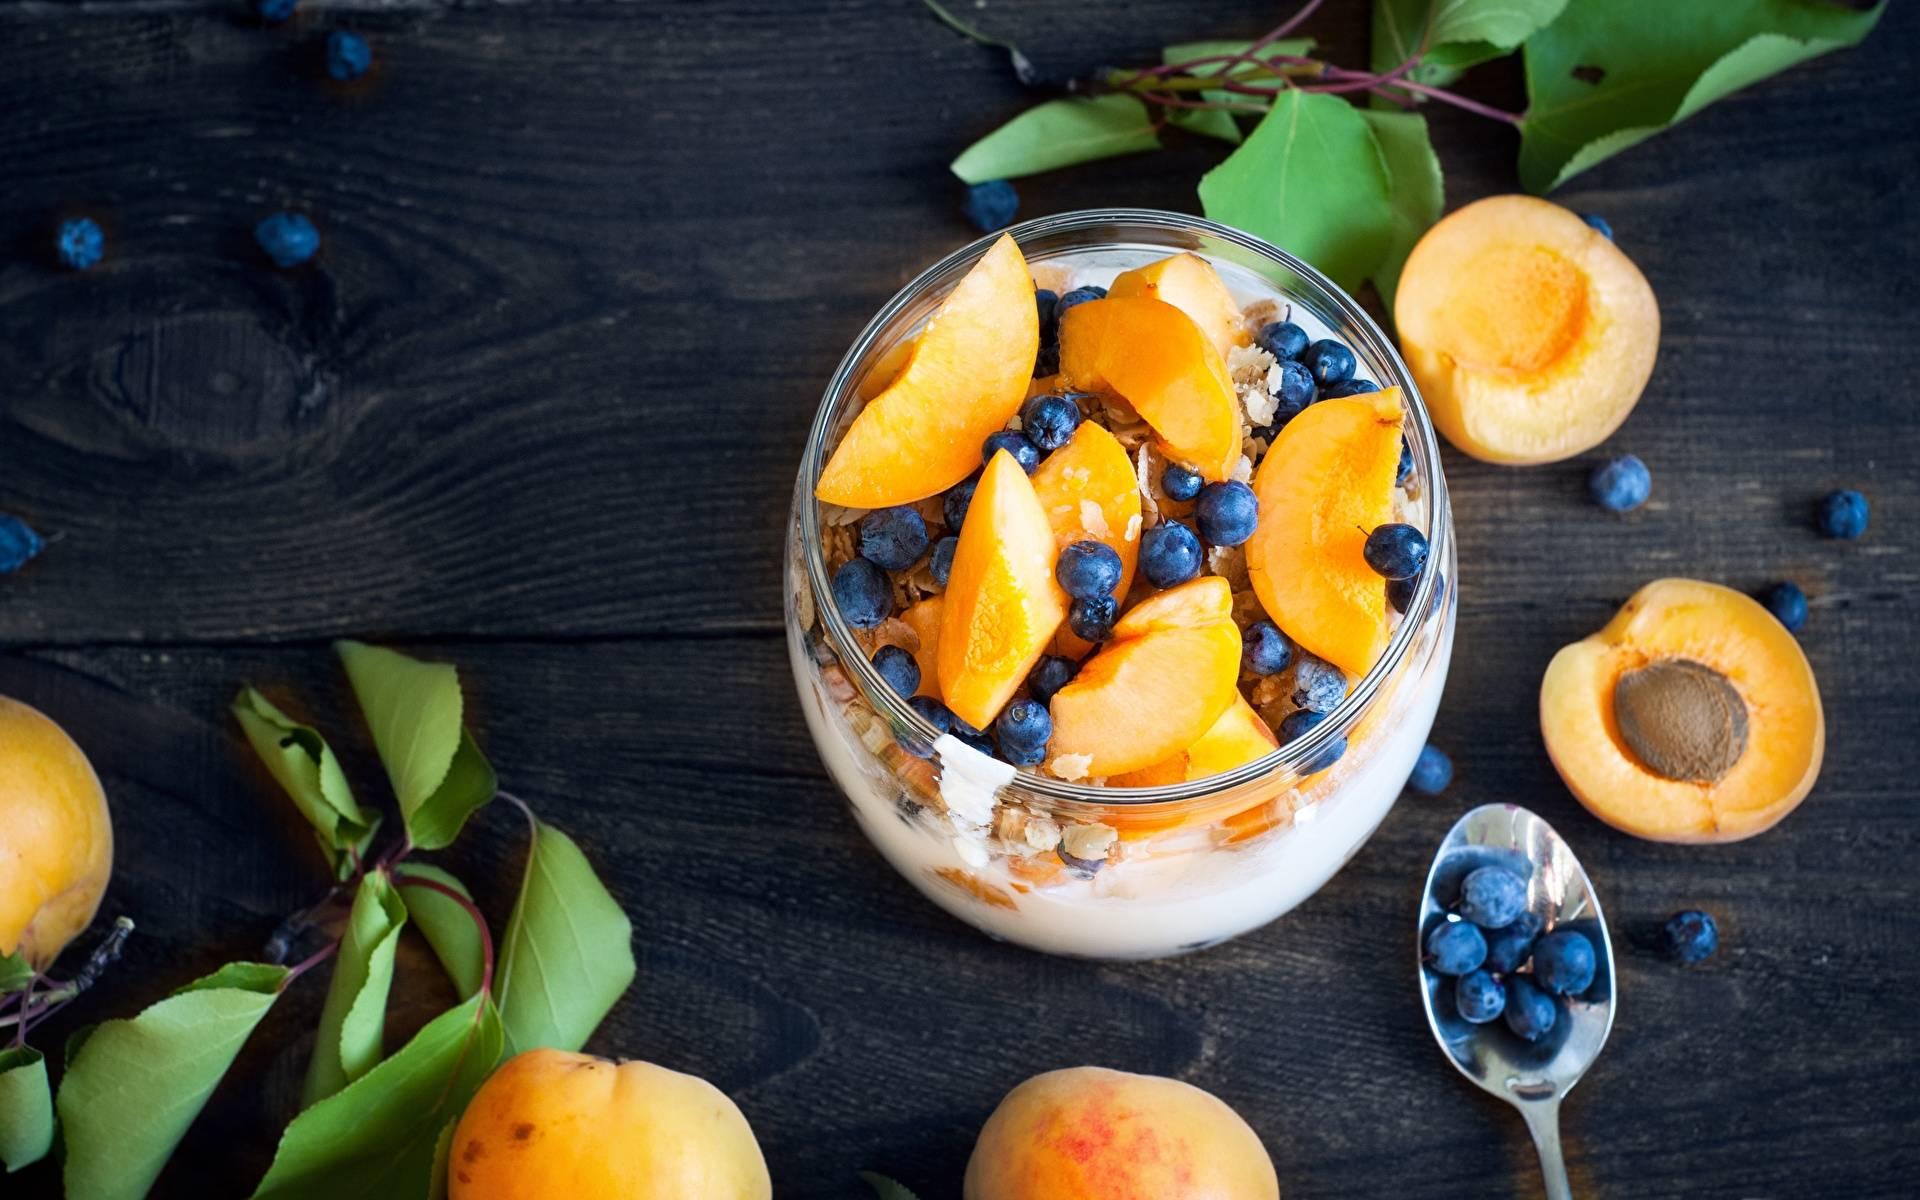 Абрикос — полезные свойства, состав и калорийность, лучшие сорта. рецепты с абрикосами